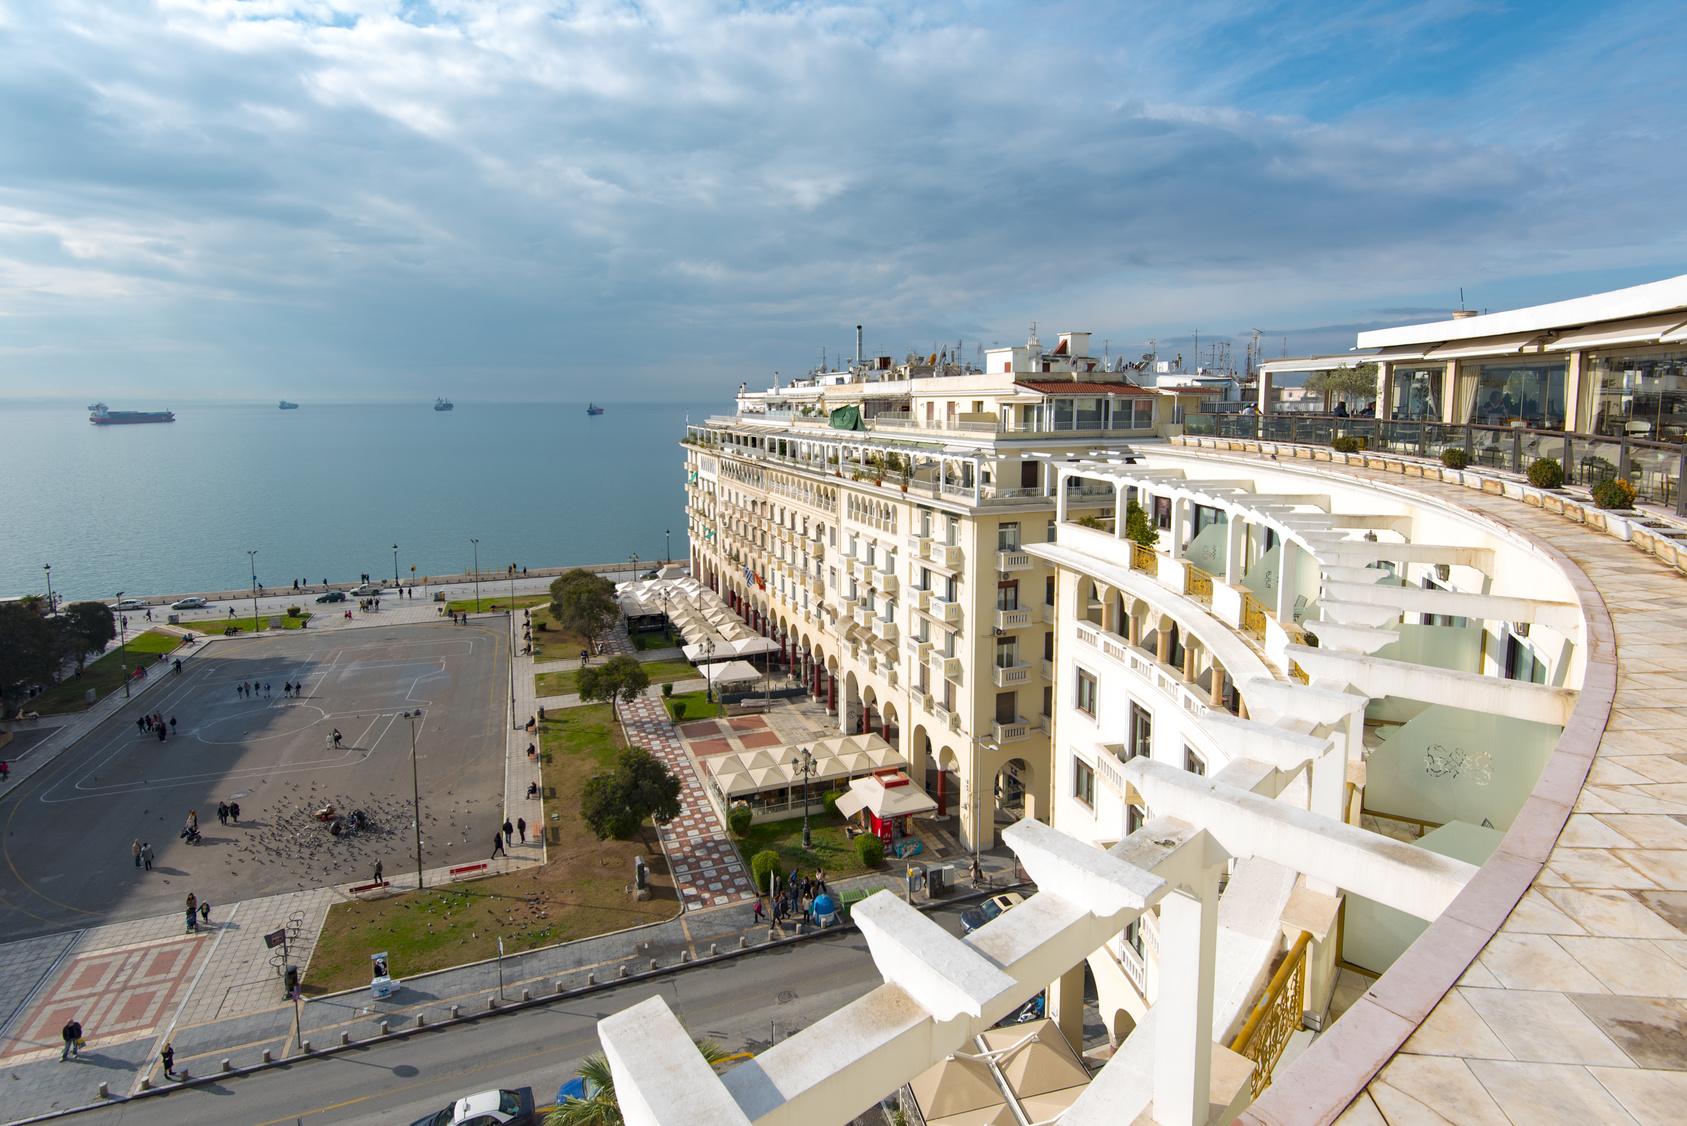 Plac Arystotelesa, Saloniki, Grecja, zwiedzanie, podróż, wymiana walut, Ekantor.pl